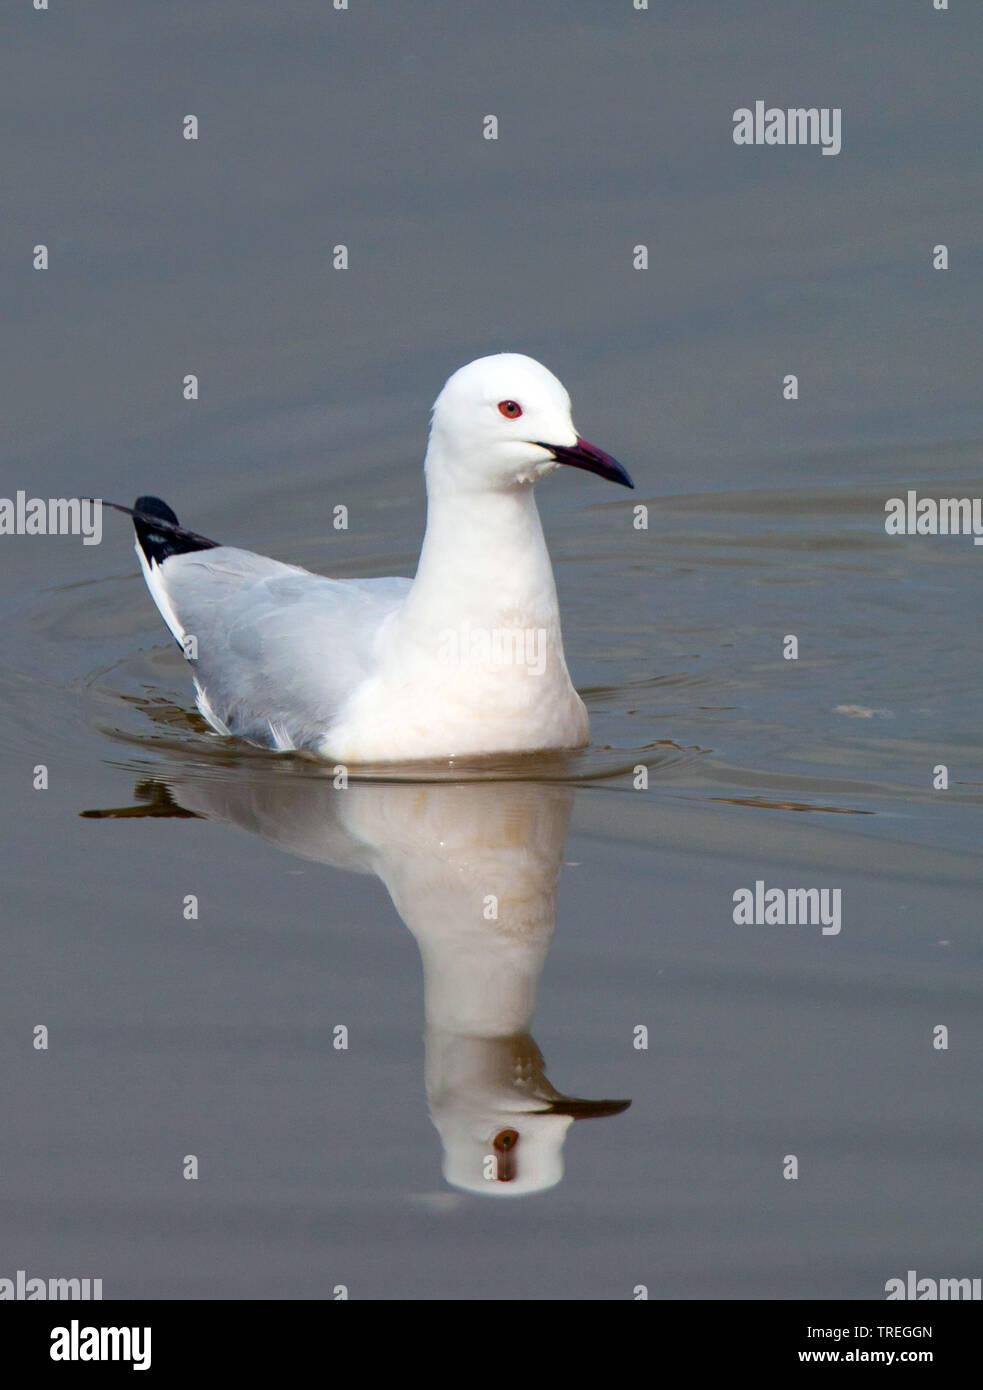 slender-billed gull (Larus genei, Chroicocephalus genei), swimming, Spain Stock Photo